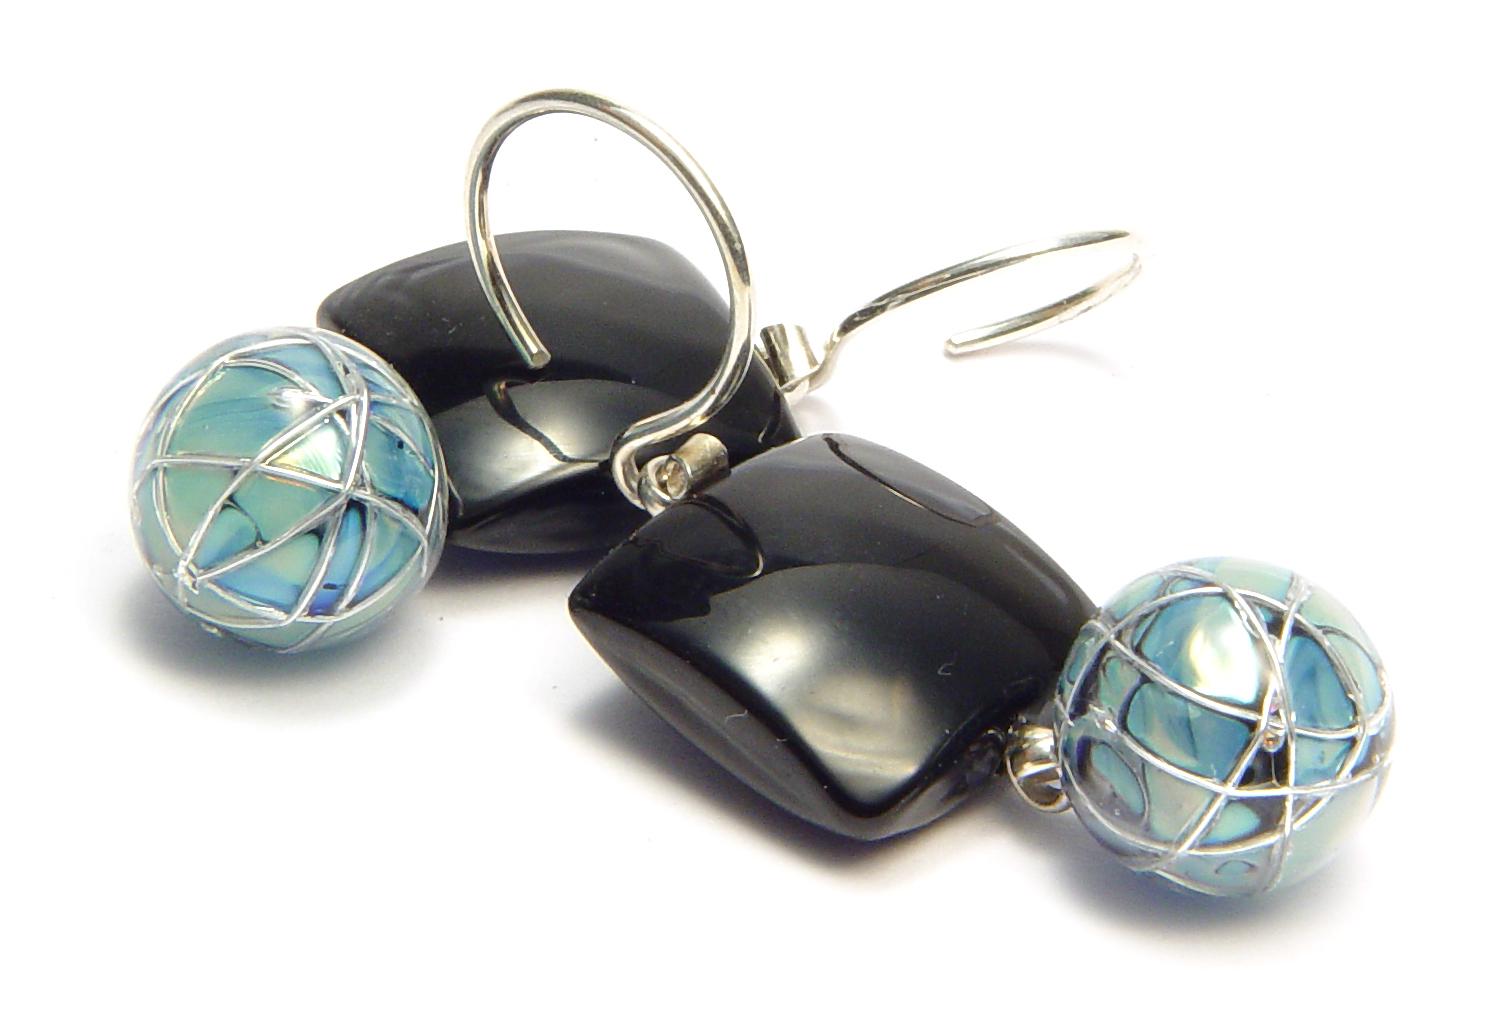 Tiled Jetstream Earrings - $55 JIllSymons.com Lampwork